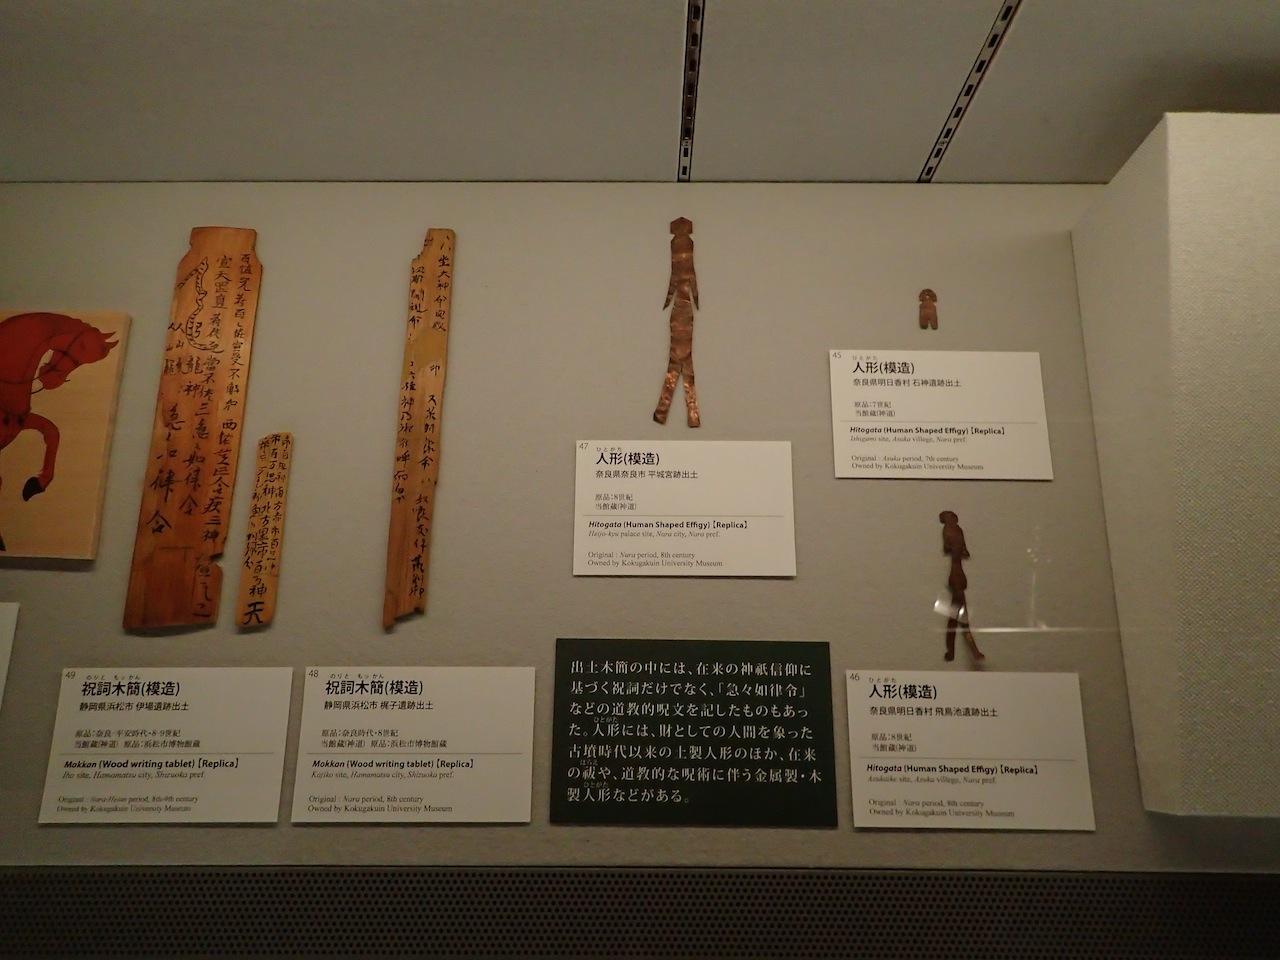 國學院大學博物館「神道の形成と古代祭祀」展